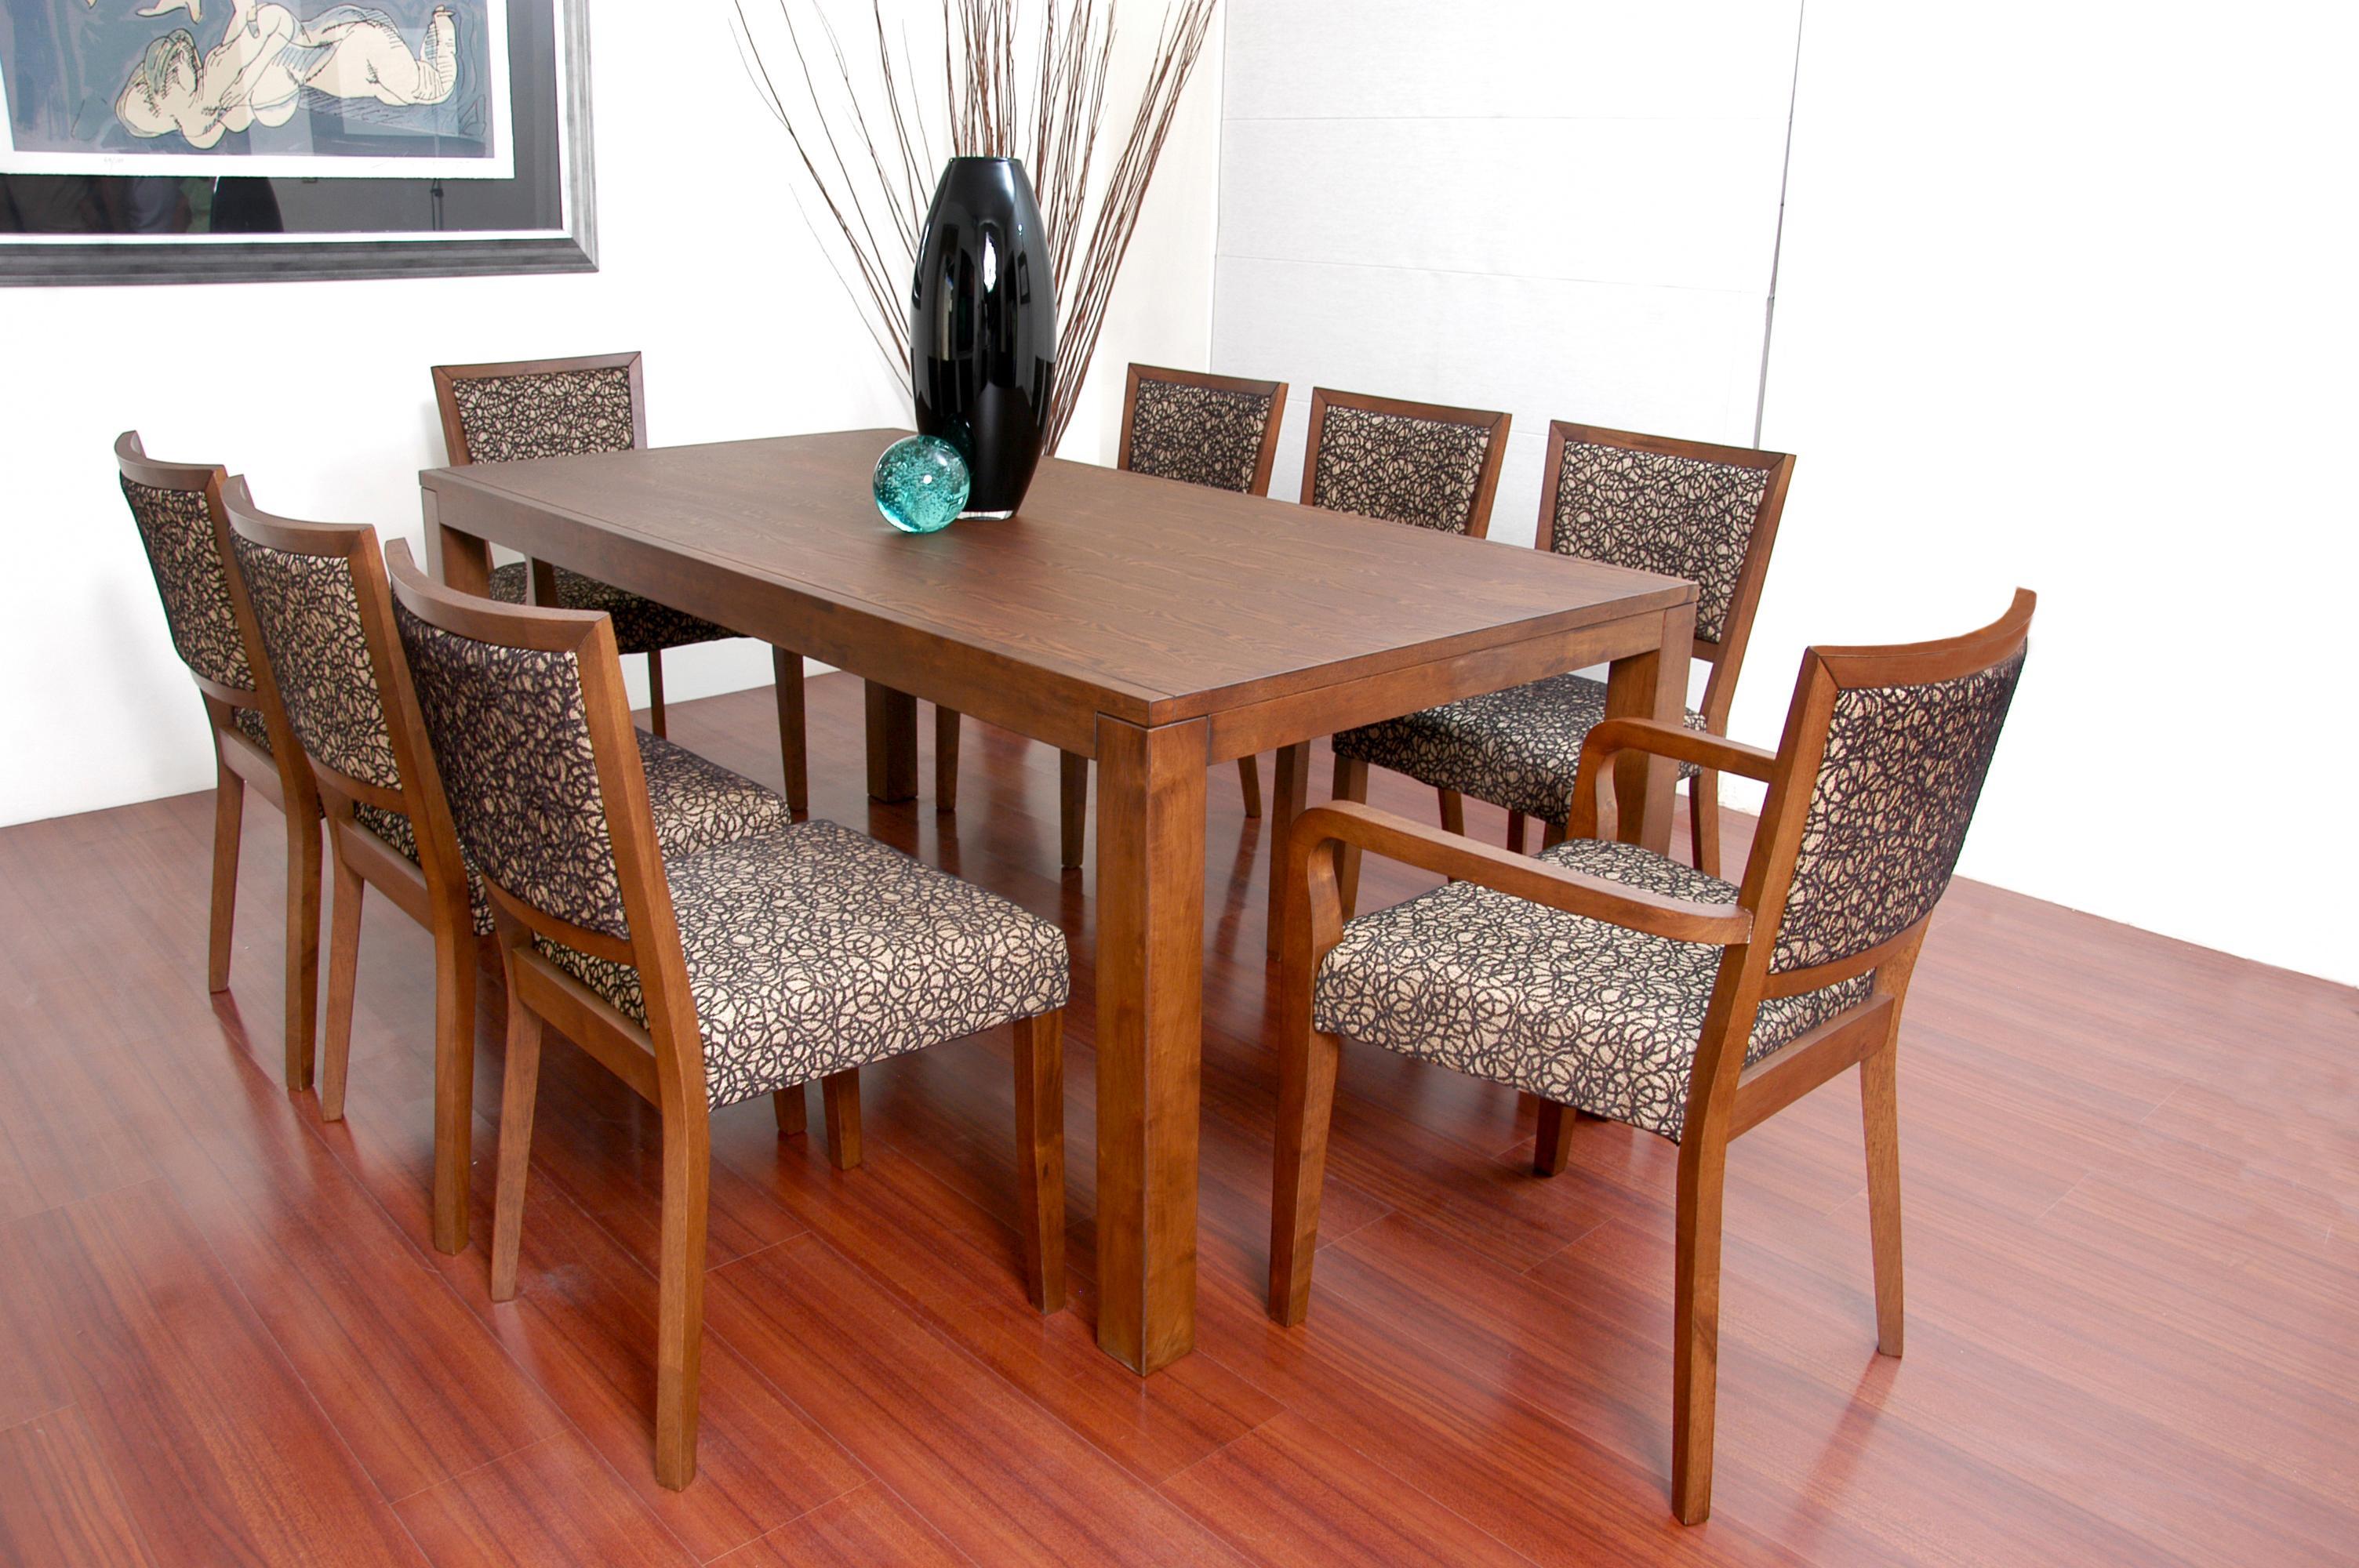 Antecomedor florencia for Comedor 8 sillas madera